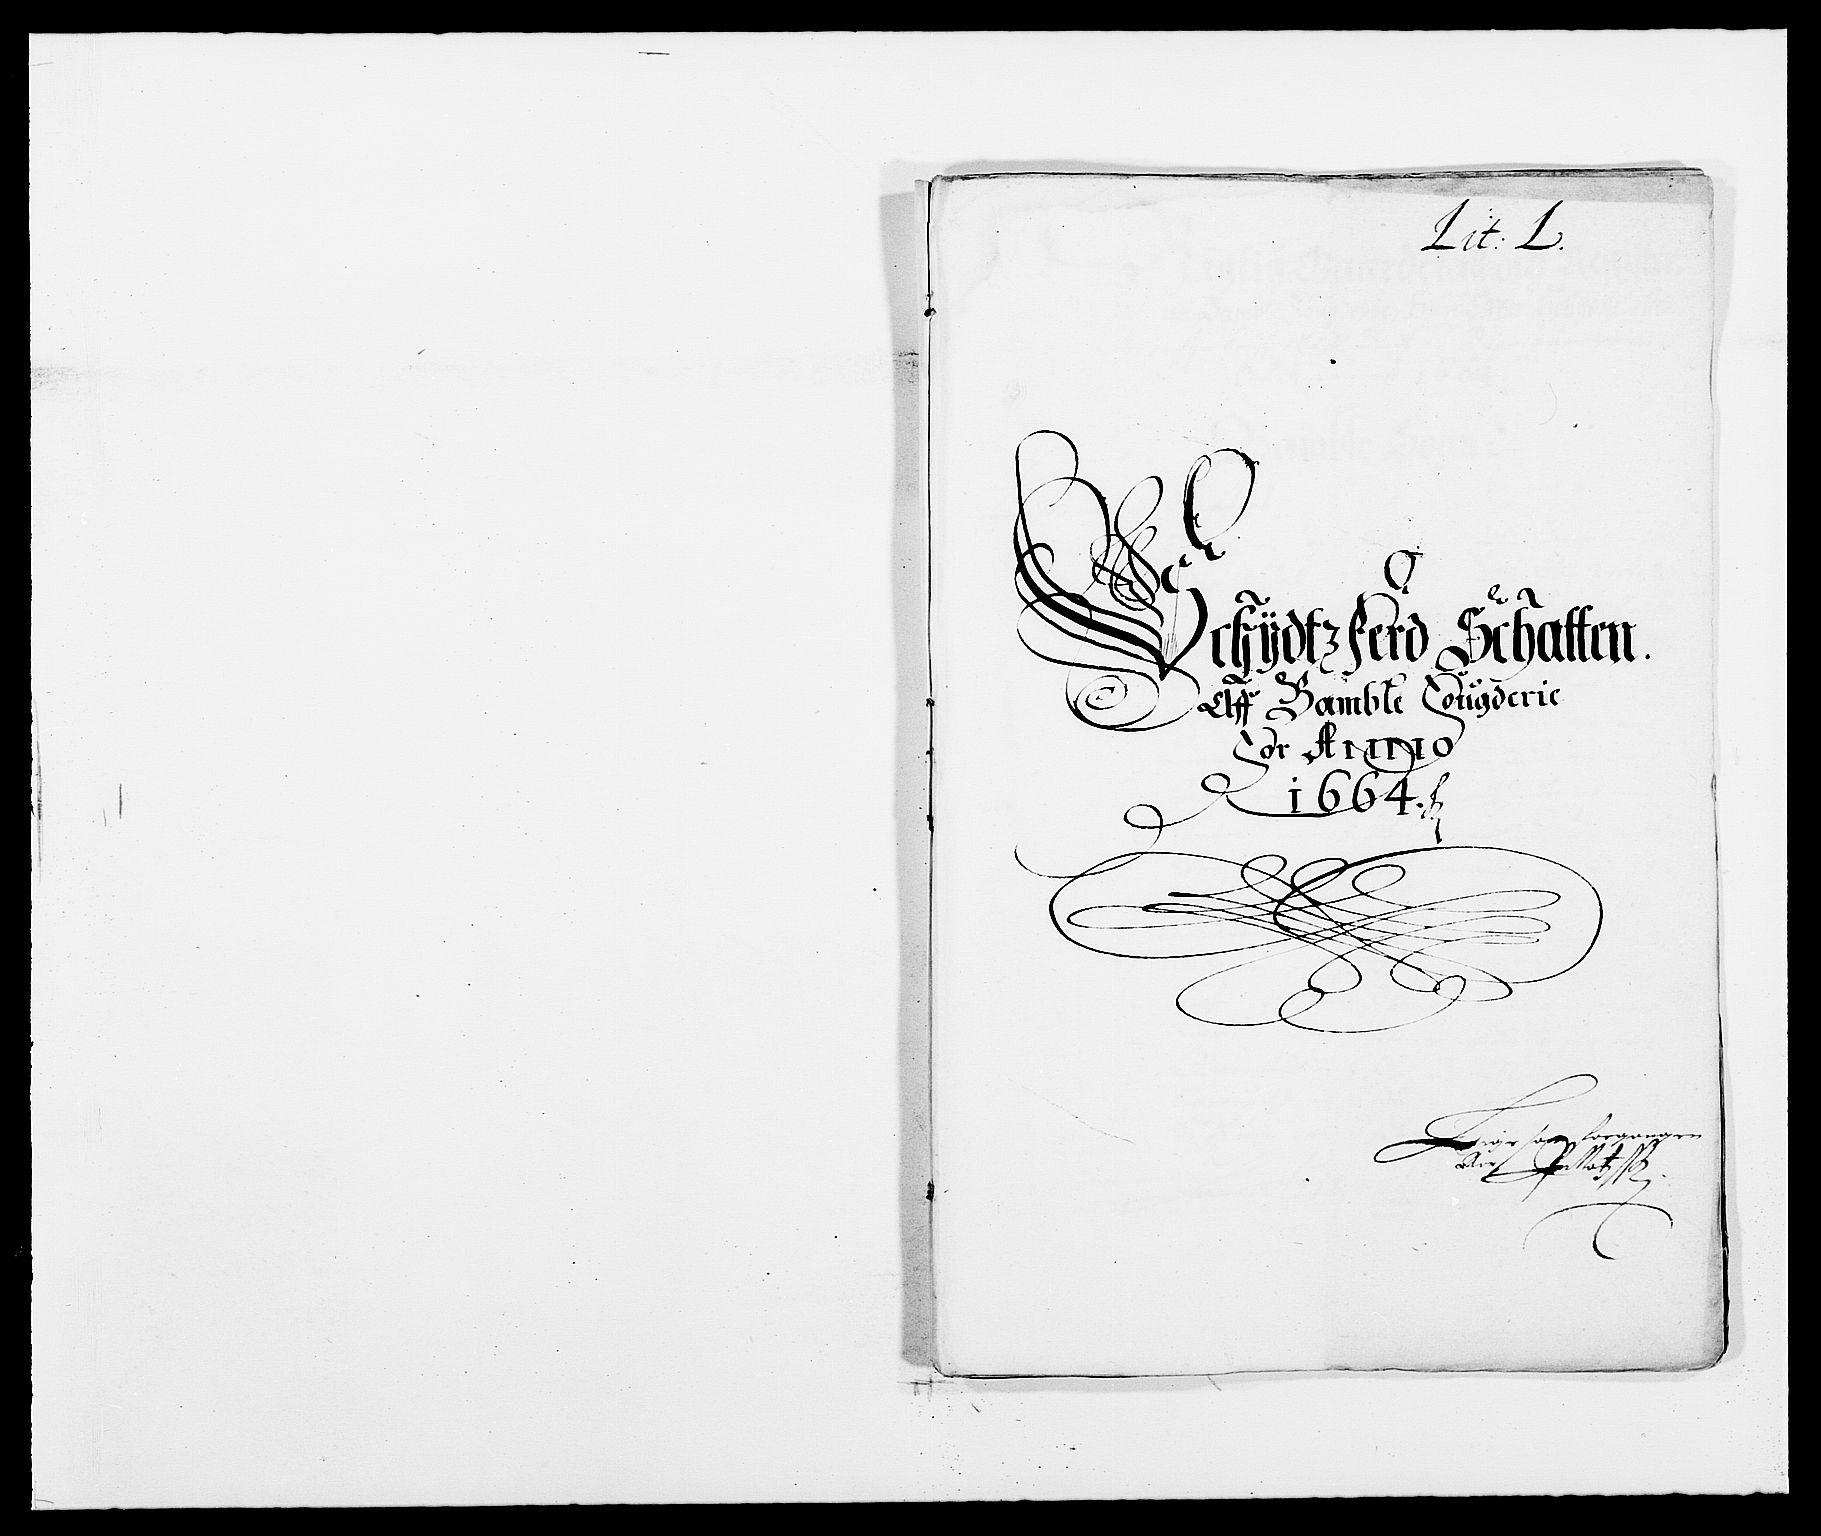 RA, Rentekammeret inntil 1814, Reviderte regnskaper, Fogderegnskap, R34/L2038: Fogderegnskap Bamble, 1662-1669, s. 66